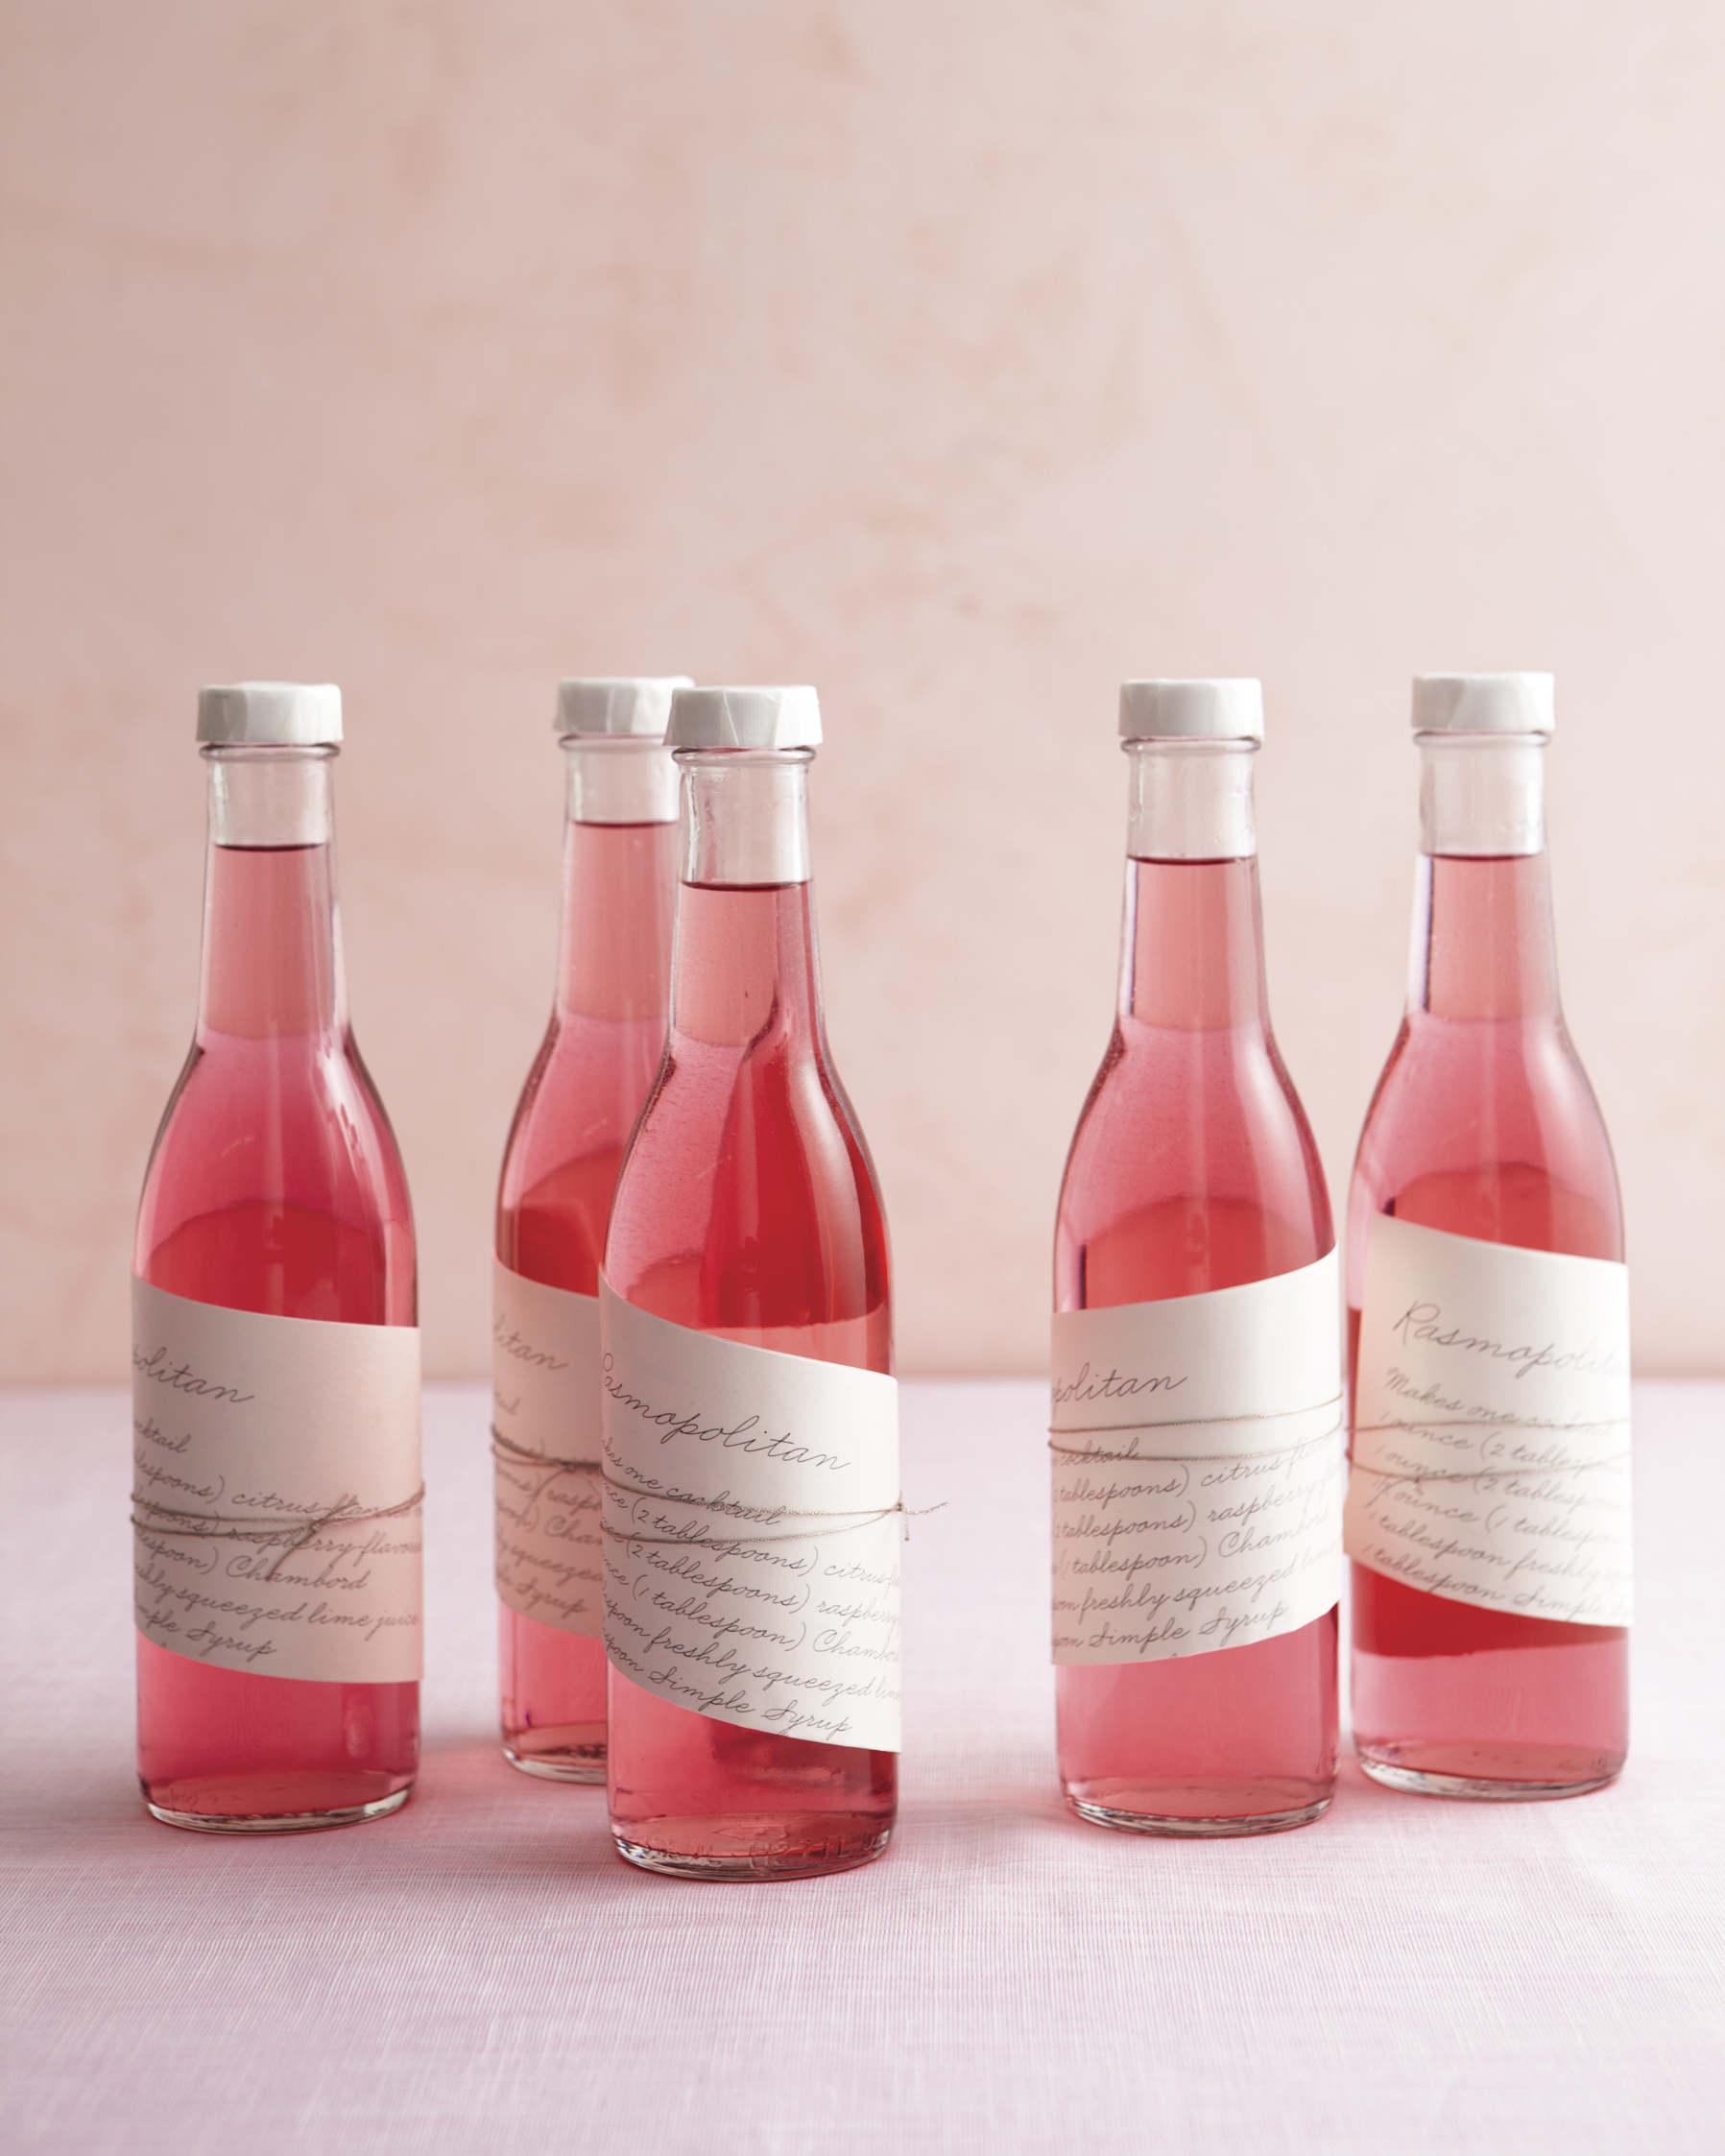 diy-bridal-shower-favors-raspberry-vodka-bottle-sp11-0515.jpg